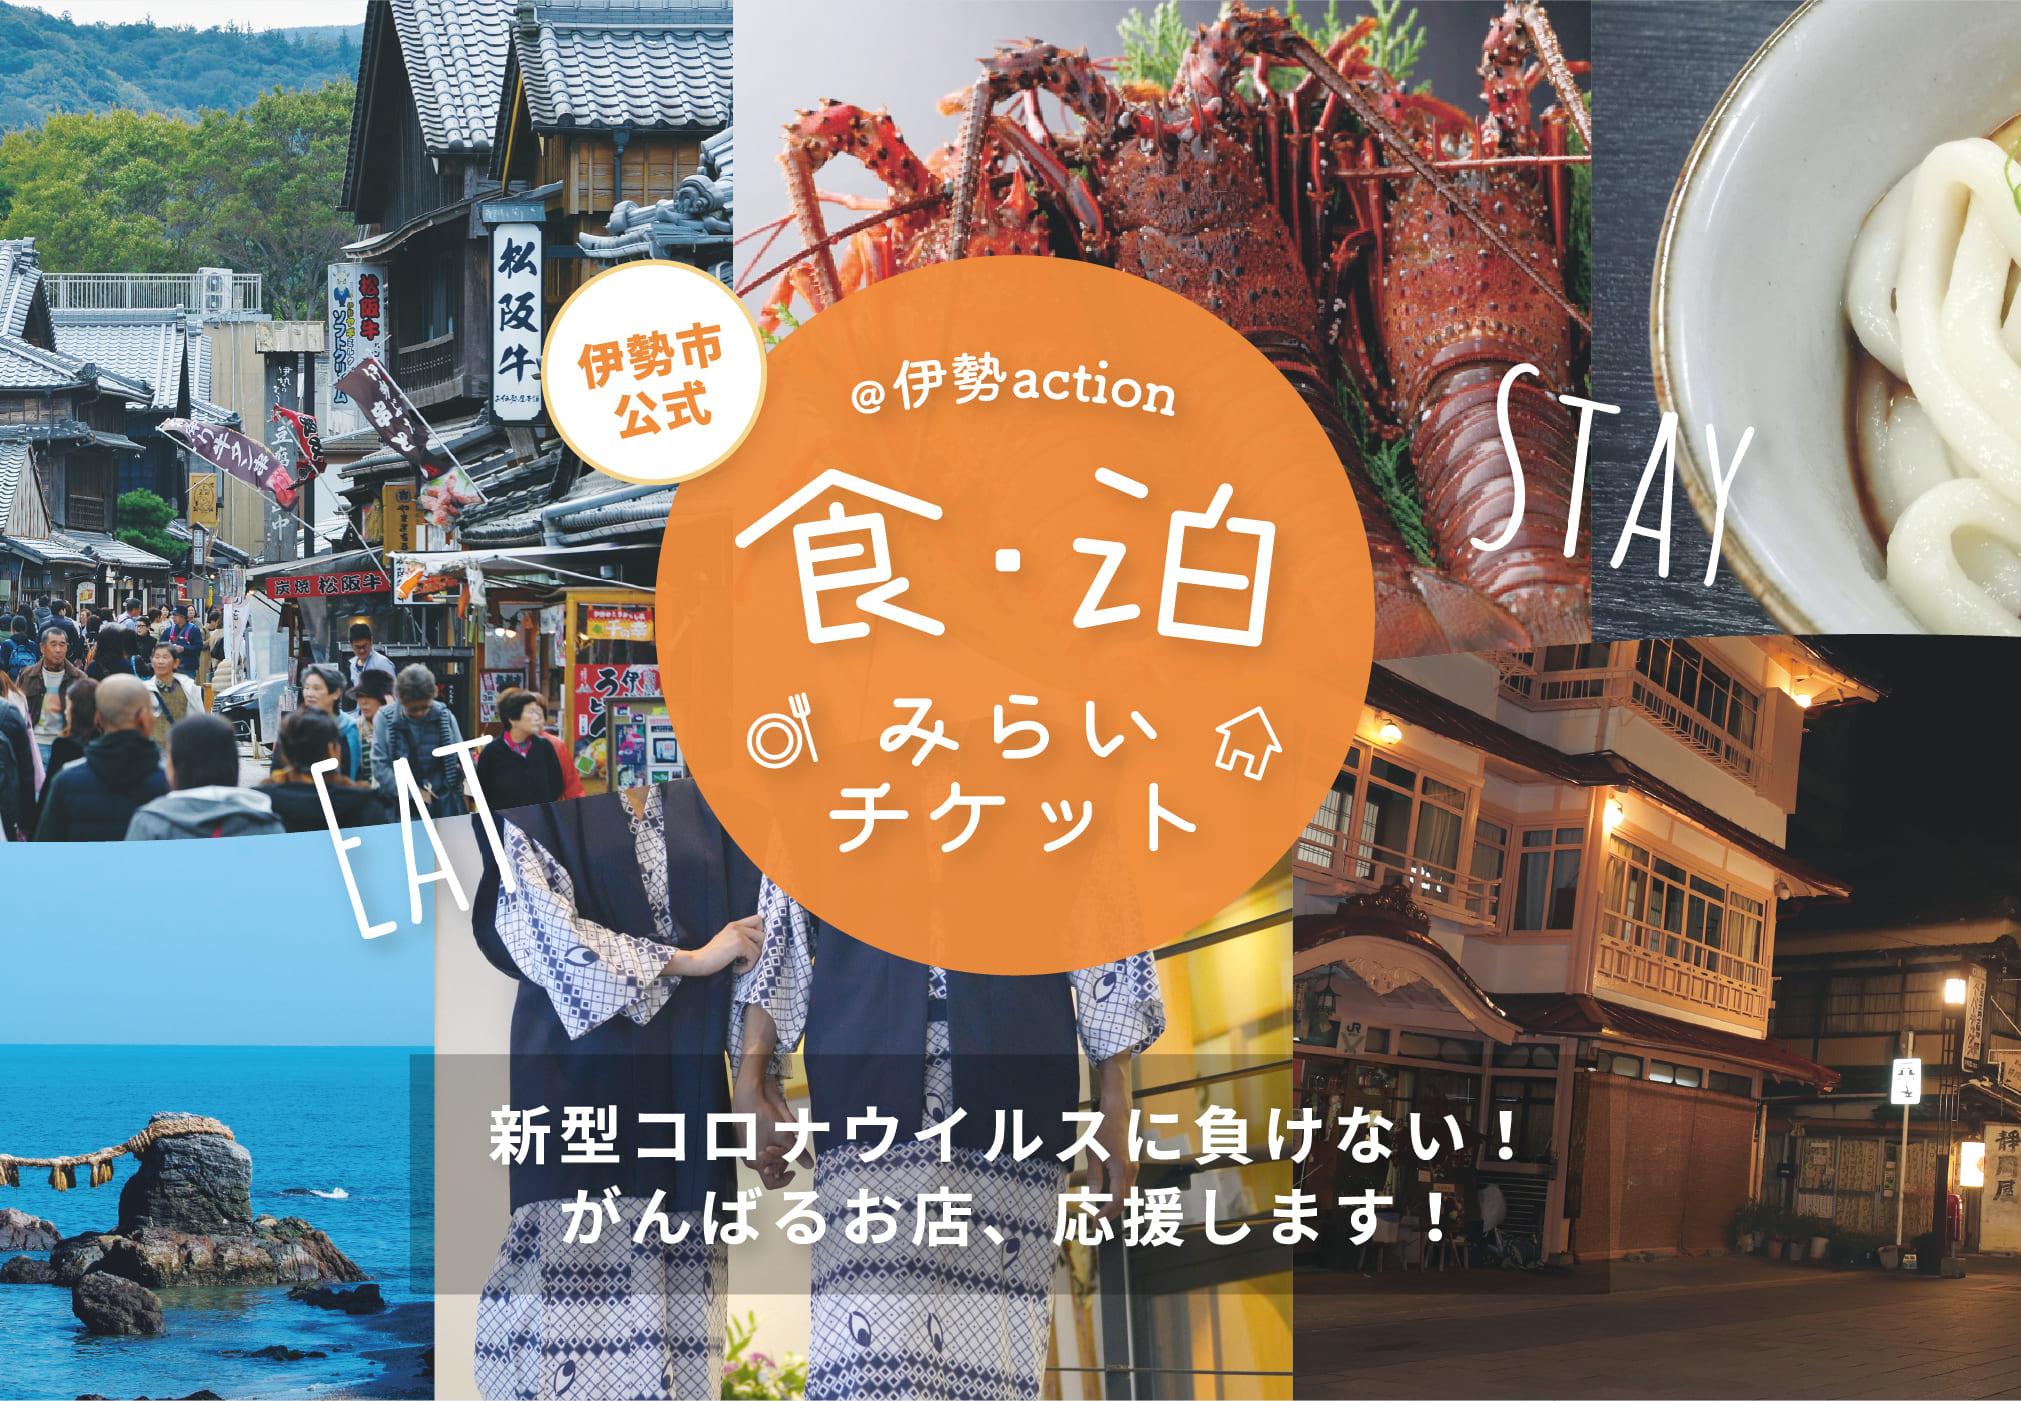 @(アット)伊勢action(アクション) ~食・泊みらいチケット~新型コロナウィルスに負けない!がんばるお店、応援します!